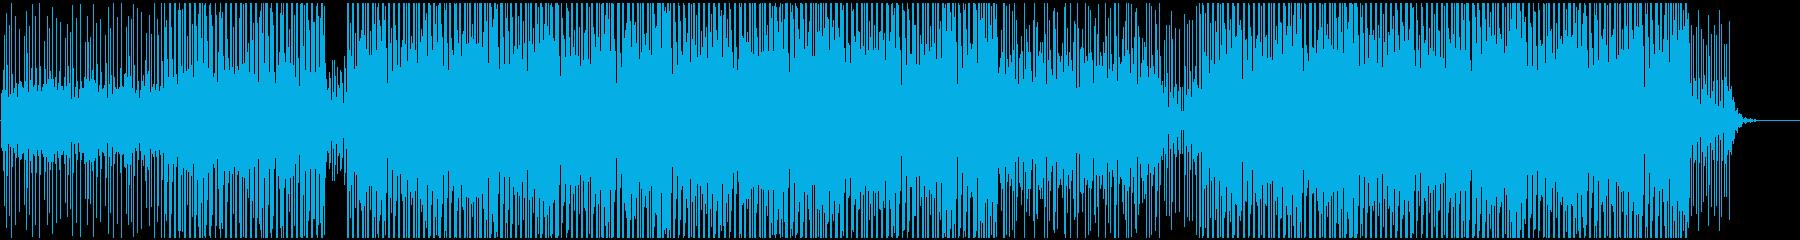 企業VPやCMに 適度なEDM風の音使いの再生済みの波形